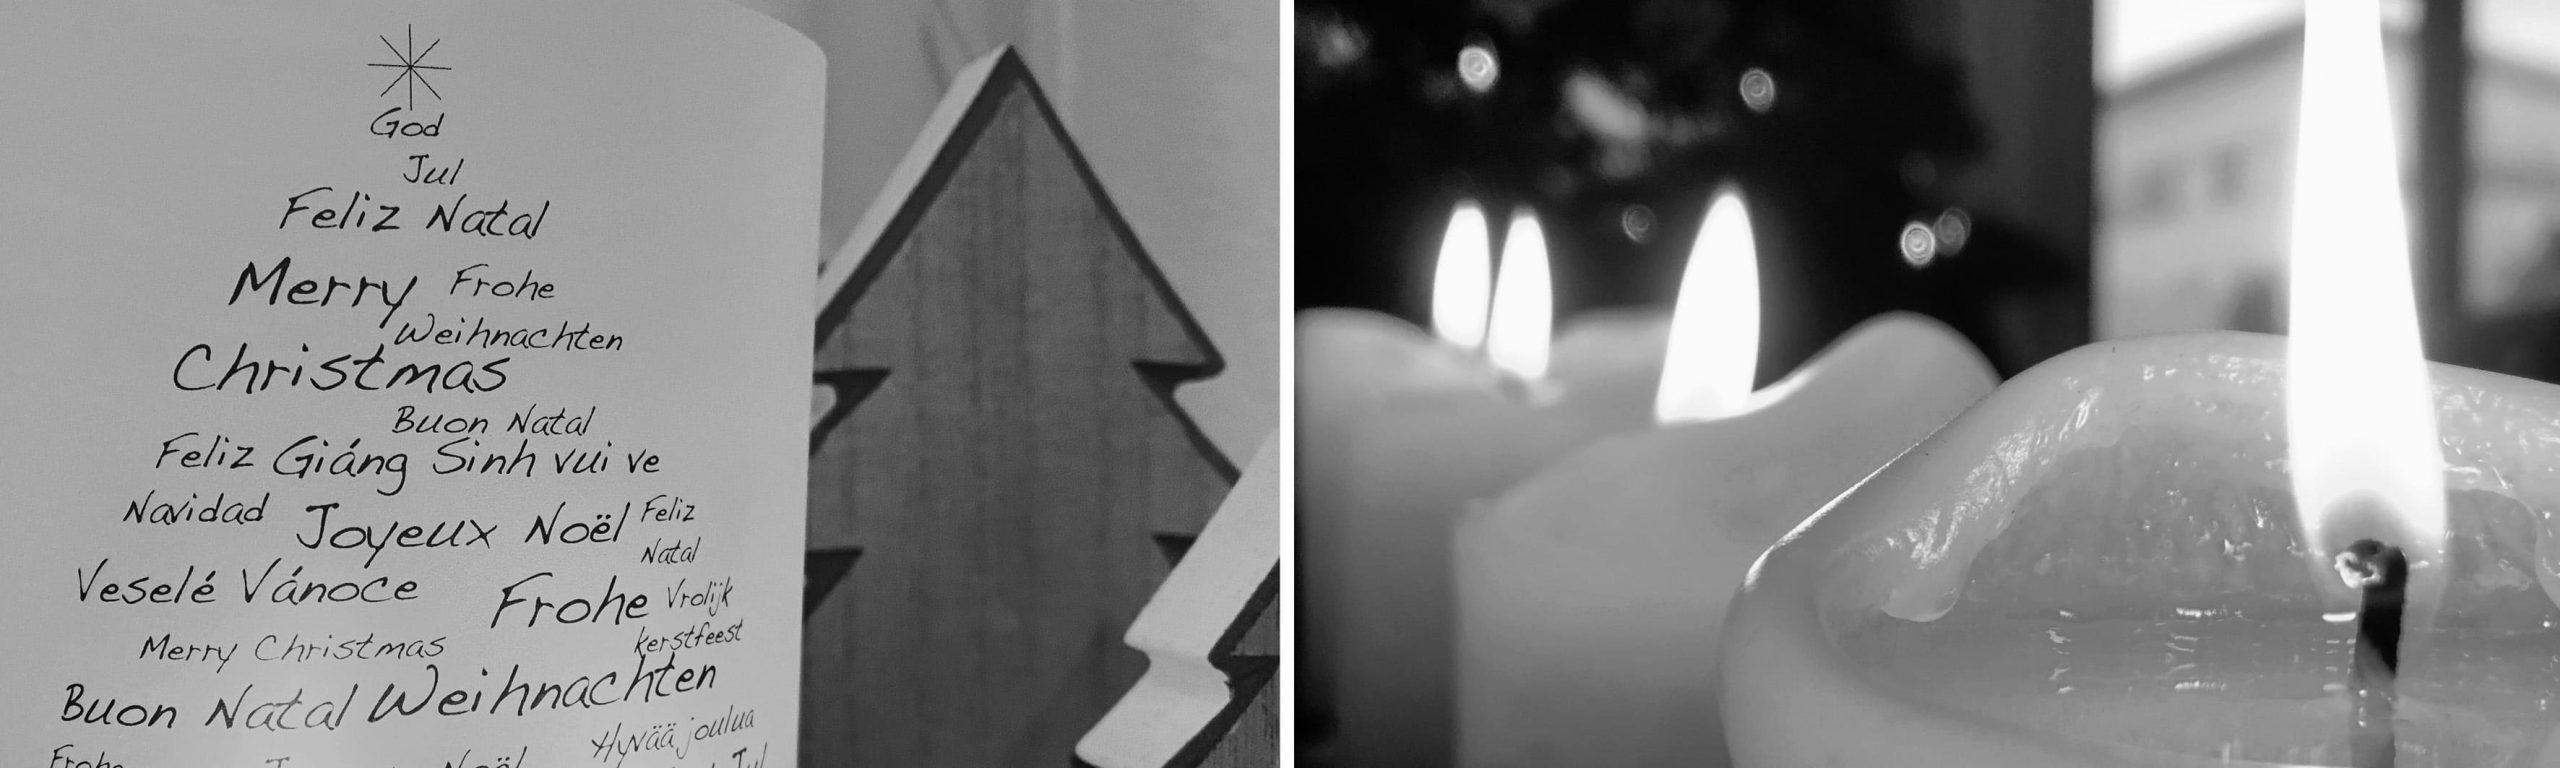 24 Content-Ideen für Weihnachten